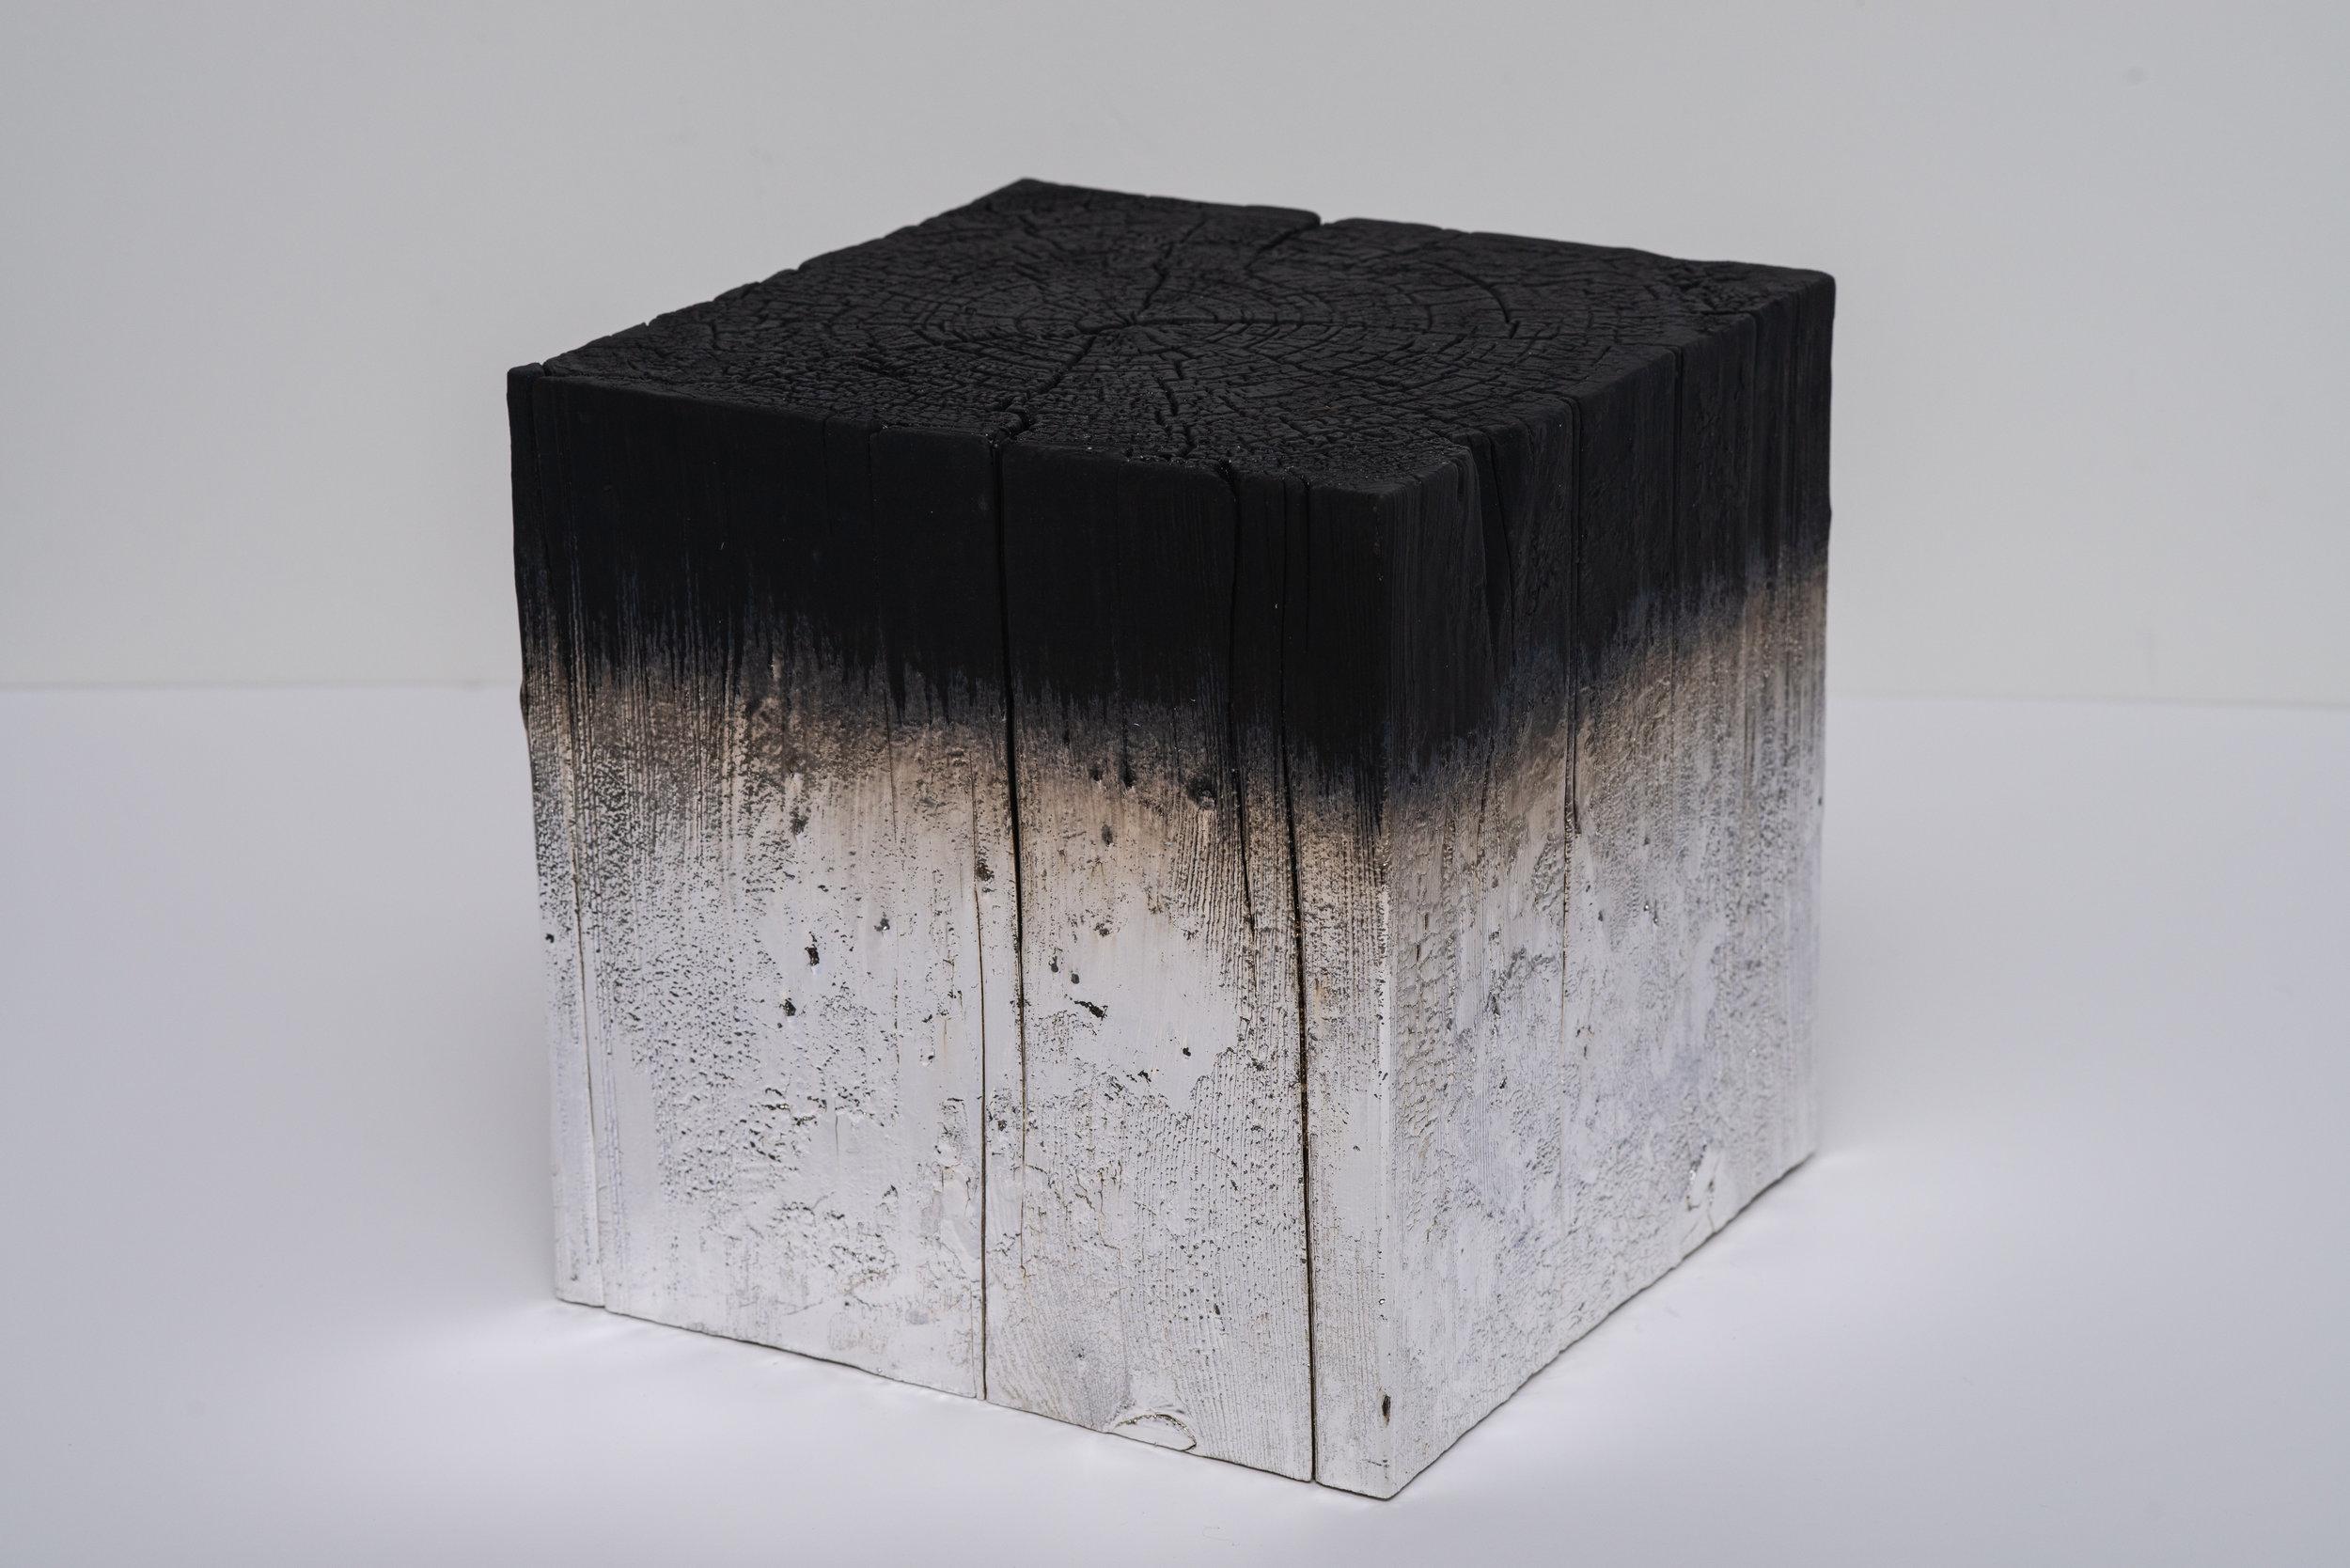 Miya_05.10.18-Cube_1b.jpg